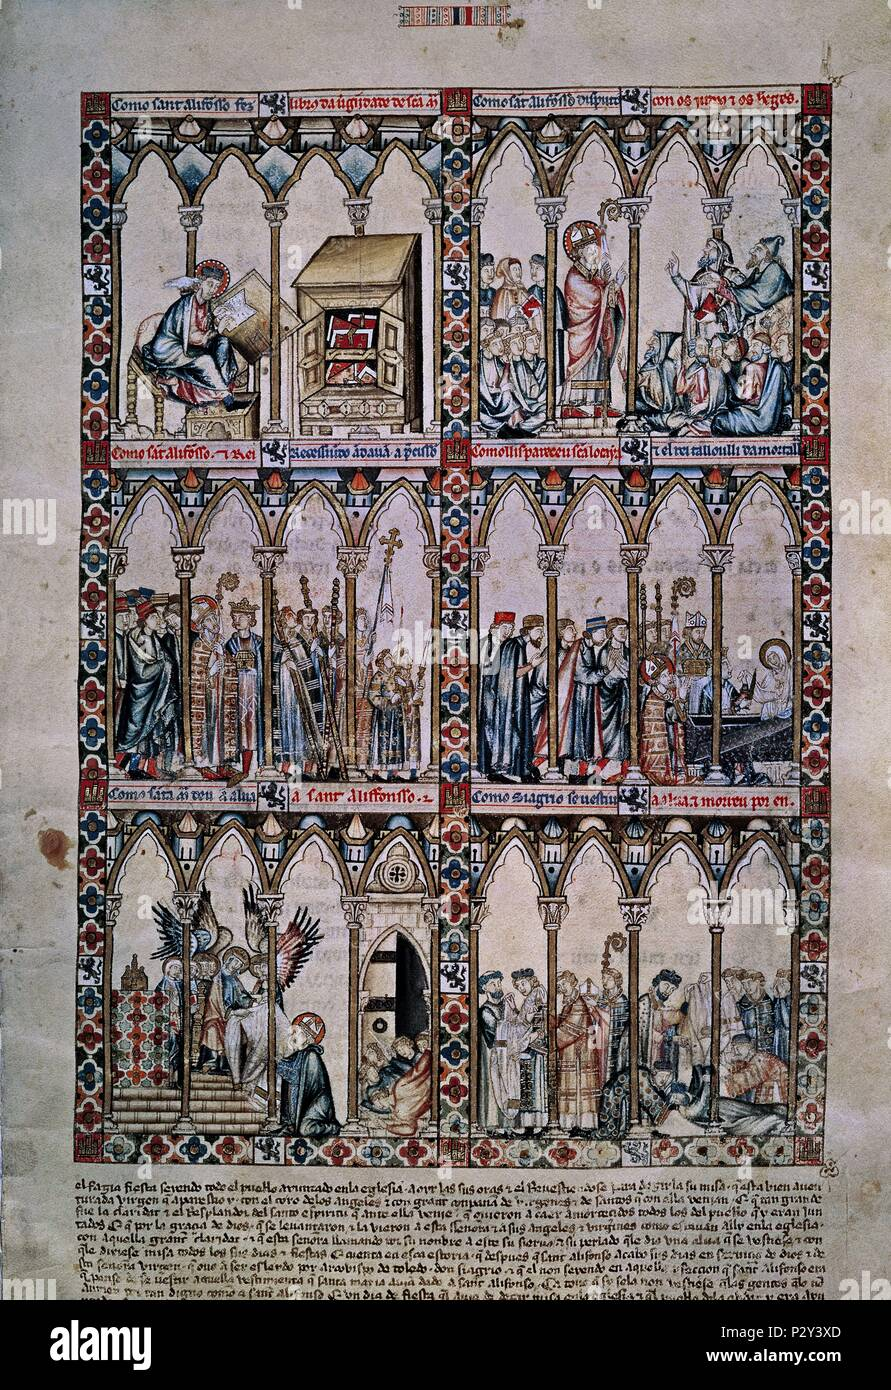 6e6639e4b33 MTI1-CANTIGA STA MARIA Nº2-F7R-MILAGRO DE SAN ILDELFONSO-VIRGEN IMPONE LA  CASULLA-S XIII. Author  Alfonso X of Castile the Wise (1221-1284).